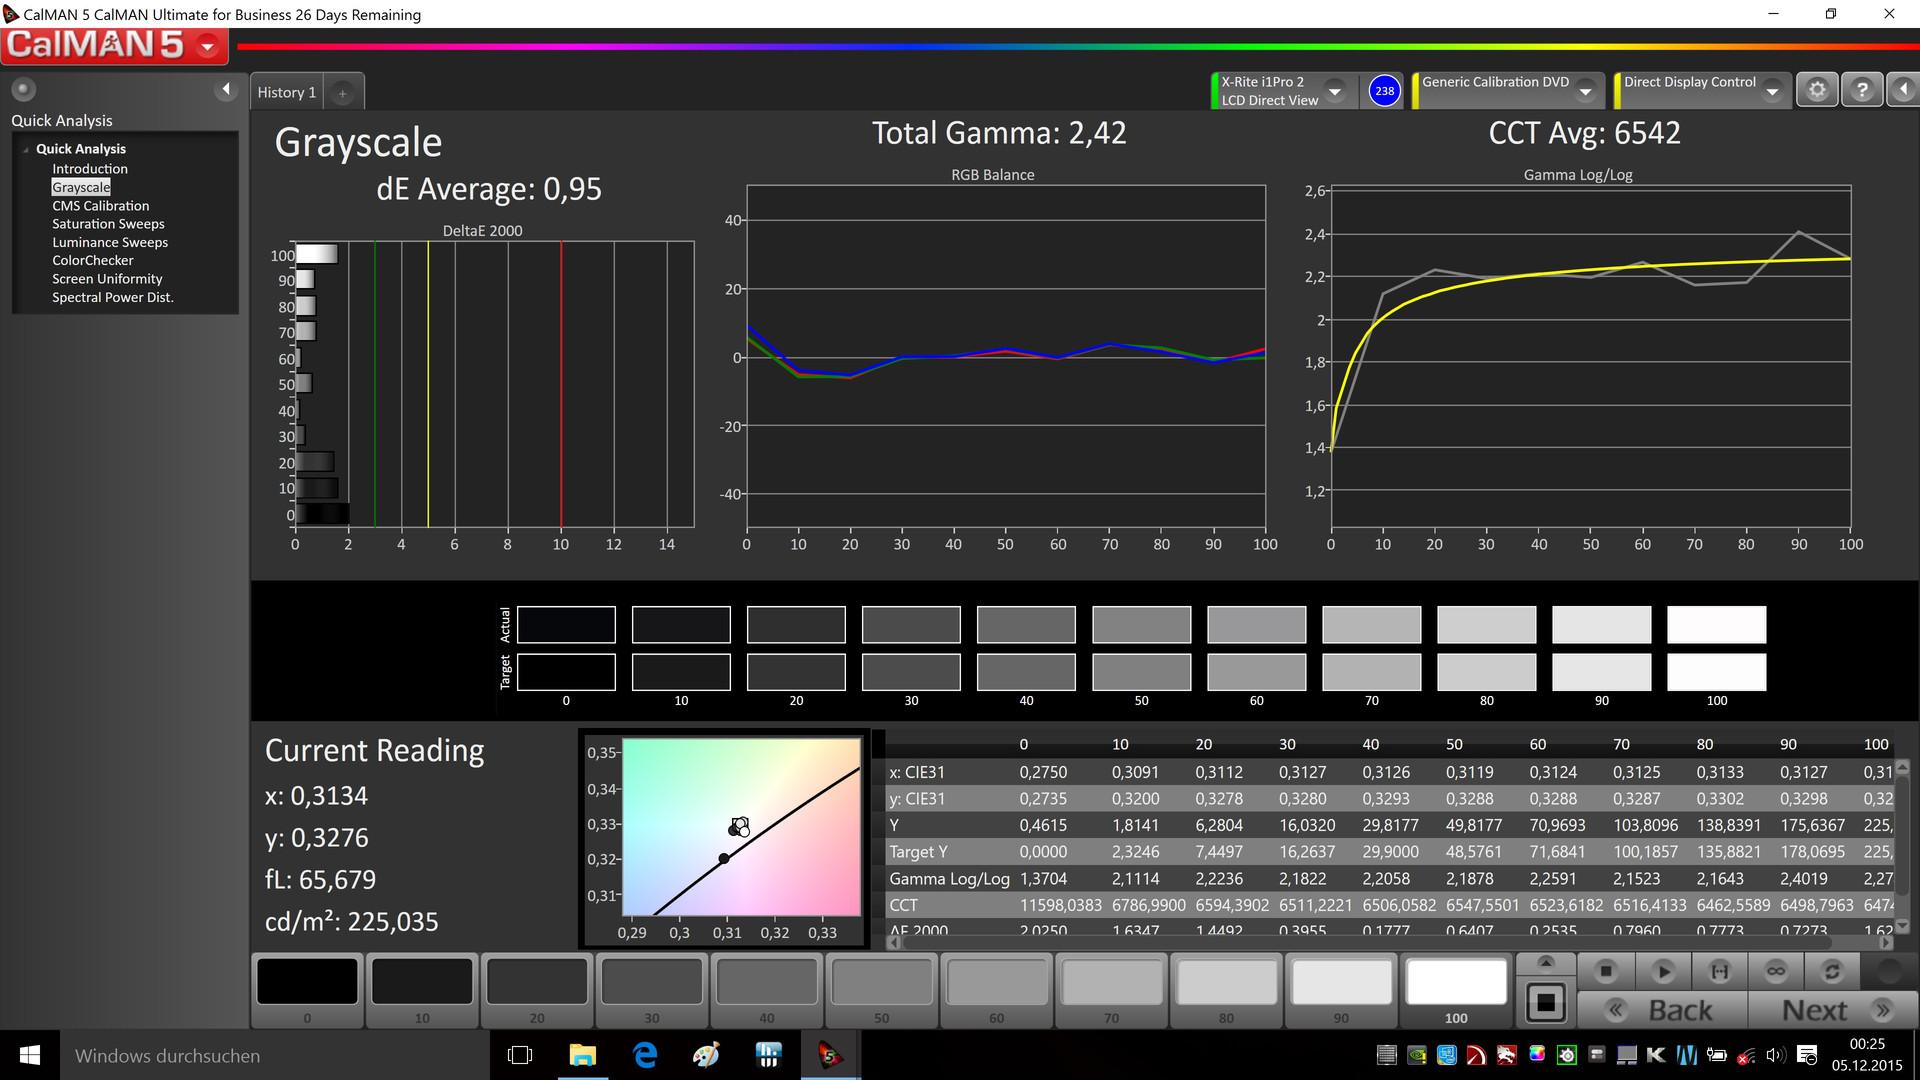 Fifa 18 texture editor v 0.5 32 bits fifa 18 happy hour november 2018